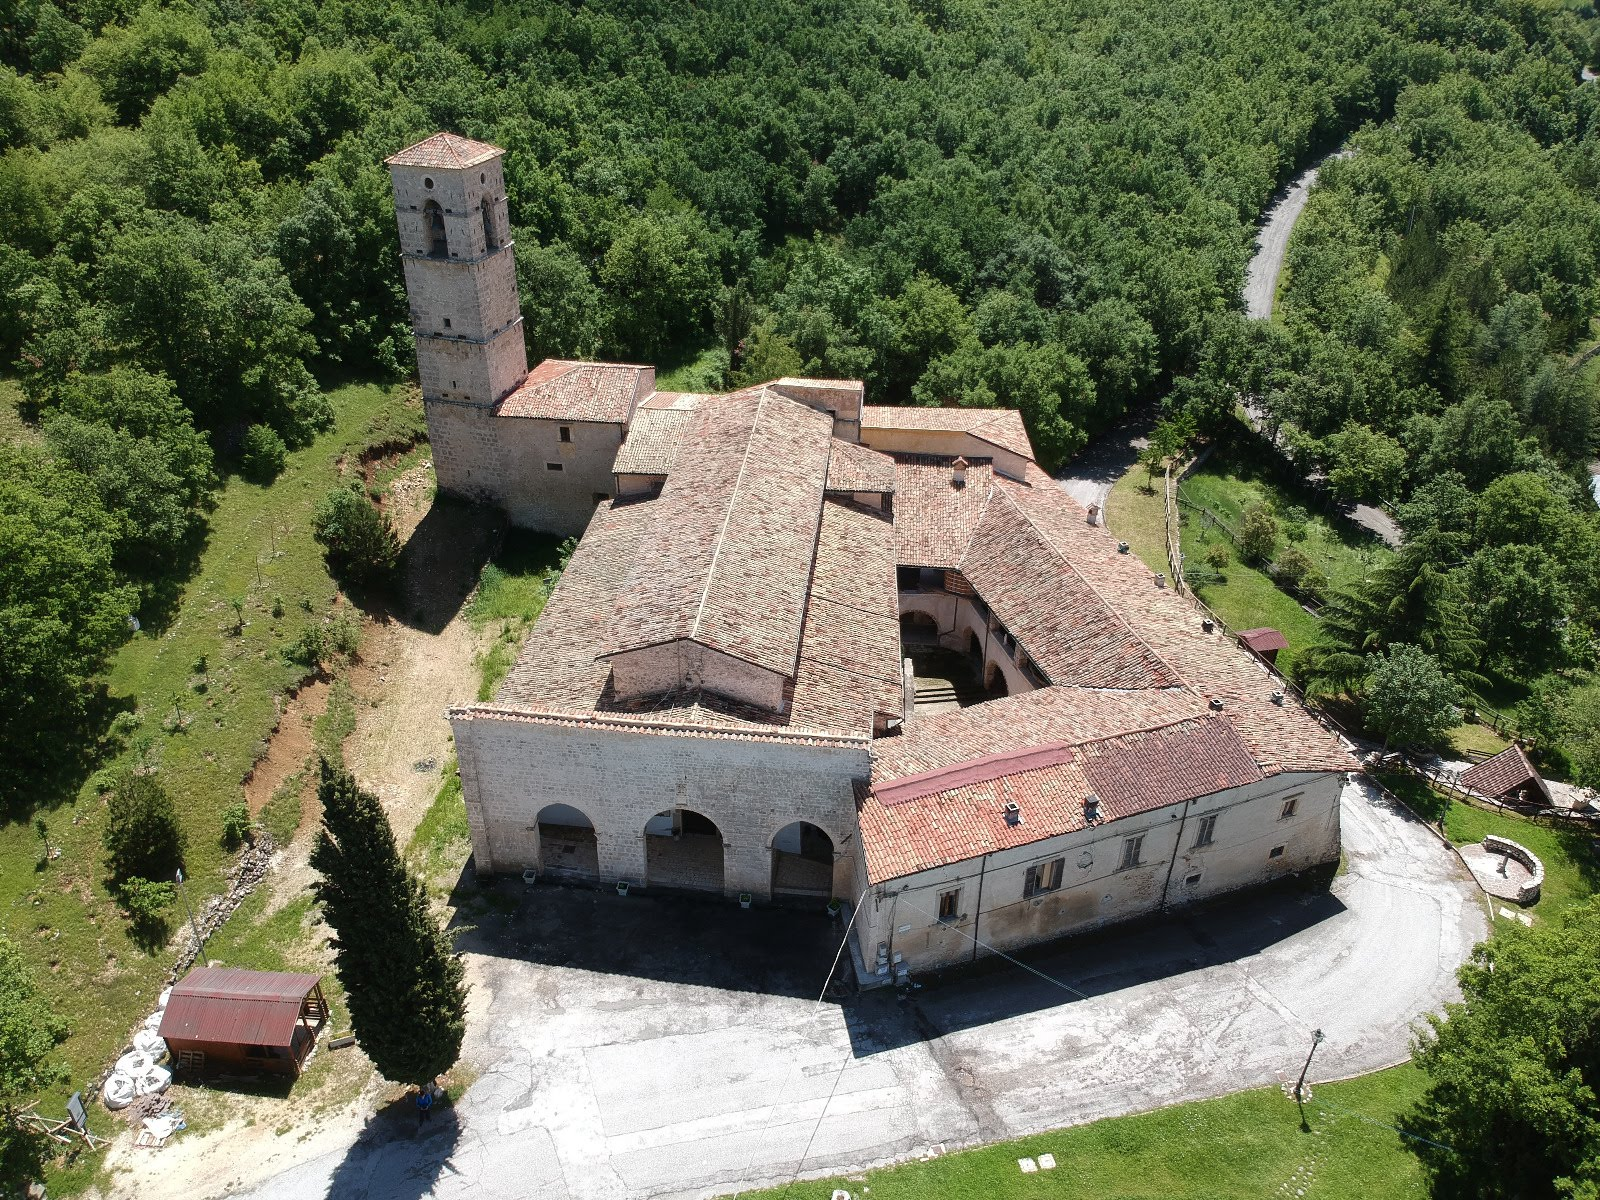 Uno dei beni architettonici più importanti del territorio sul portale di Abruzzo Turismo